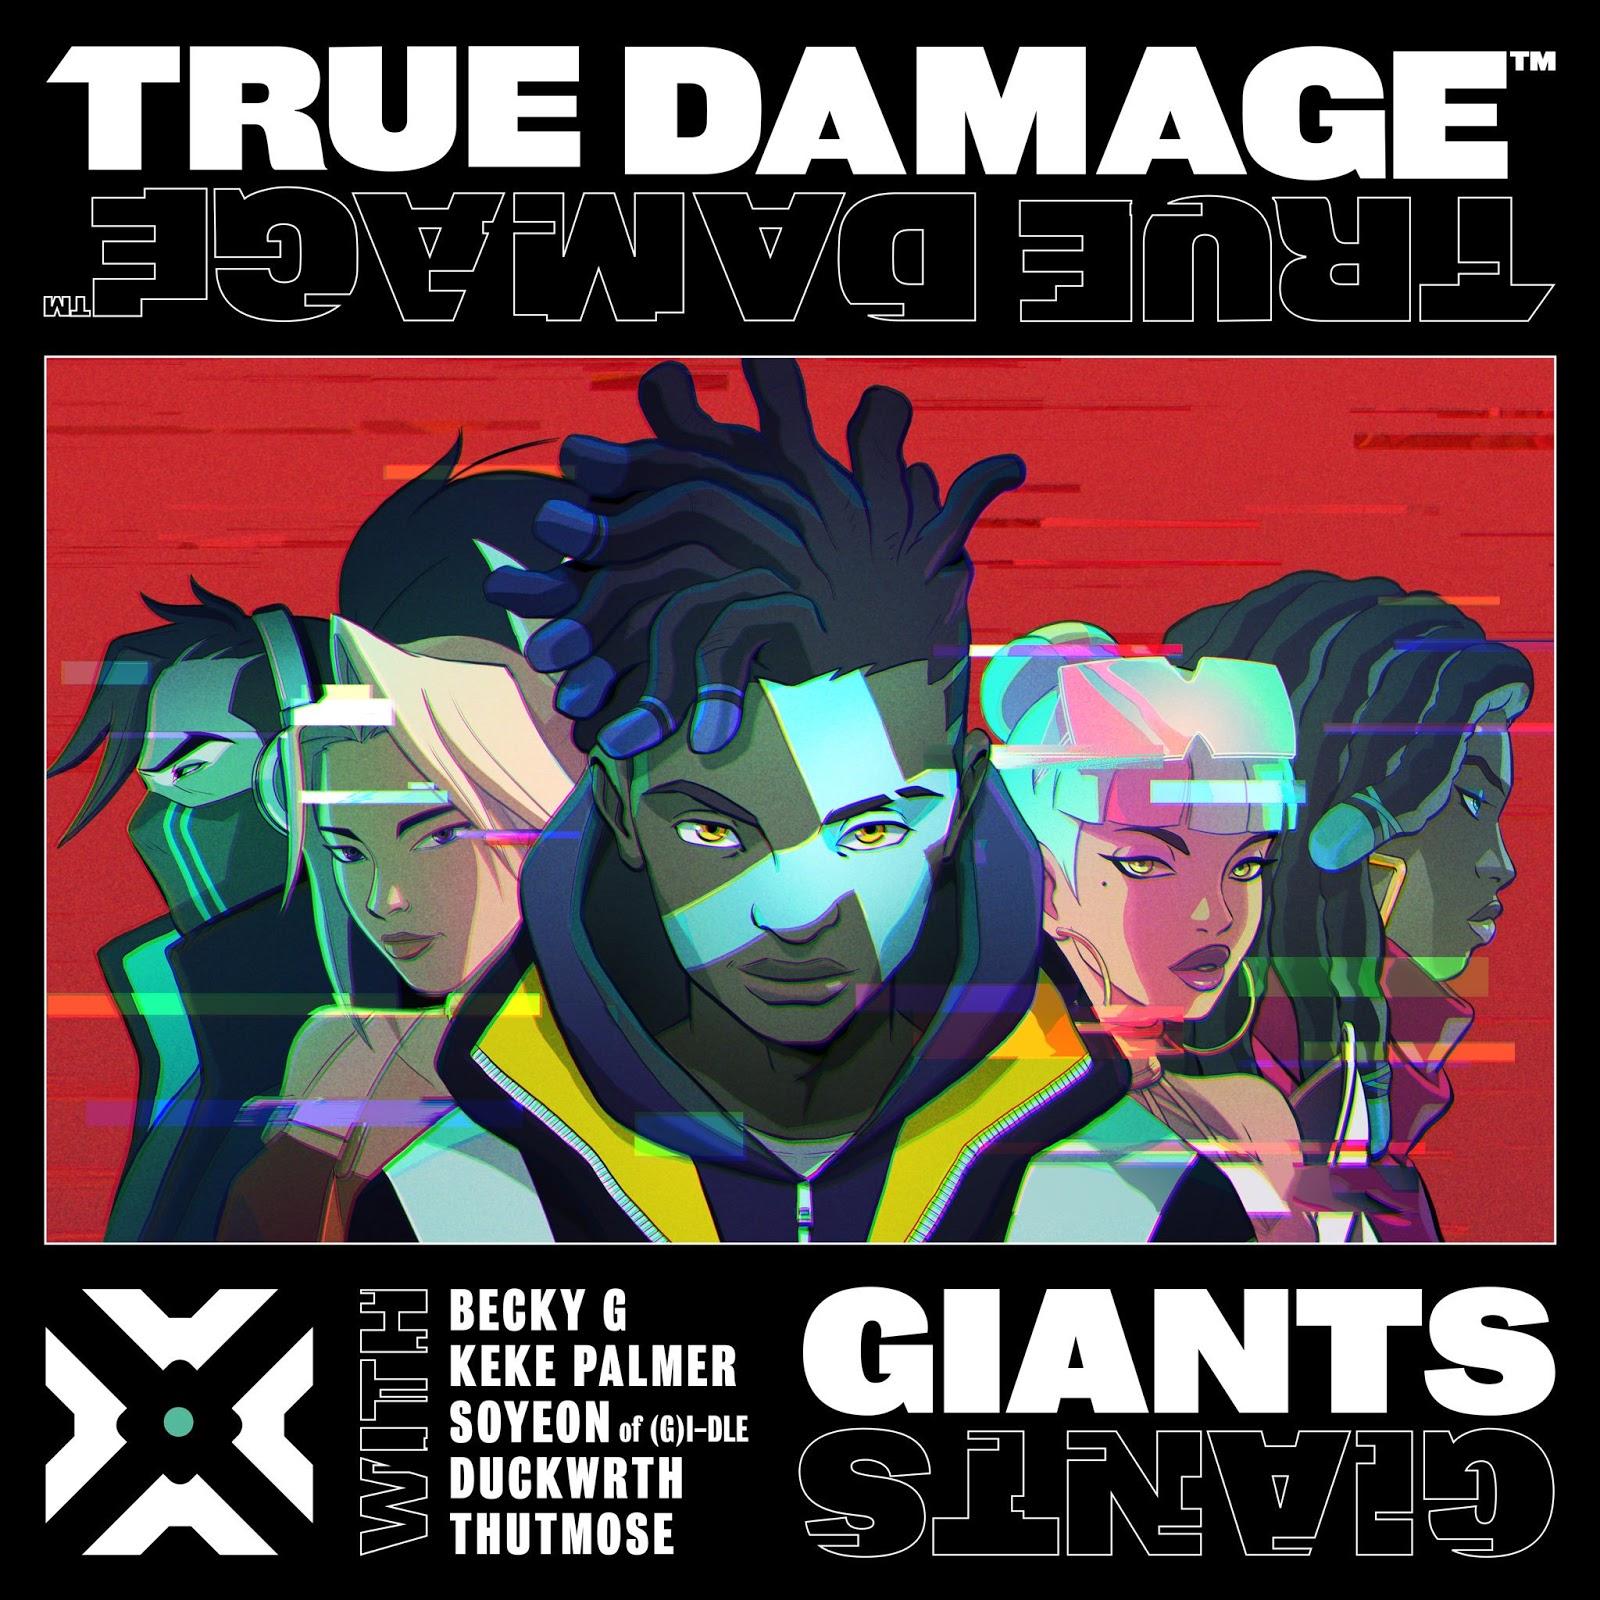 True Damage 2019 Promo 01